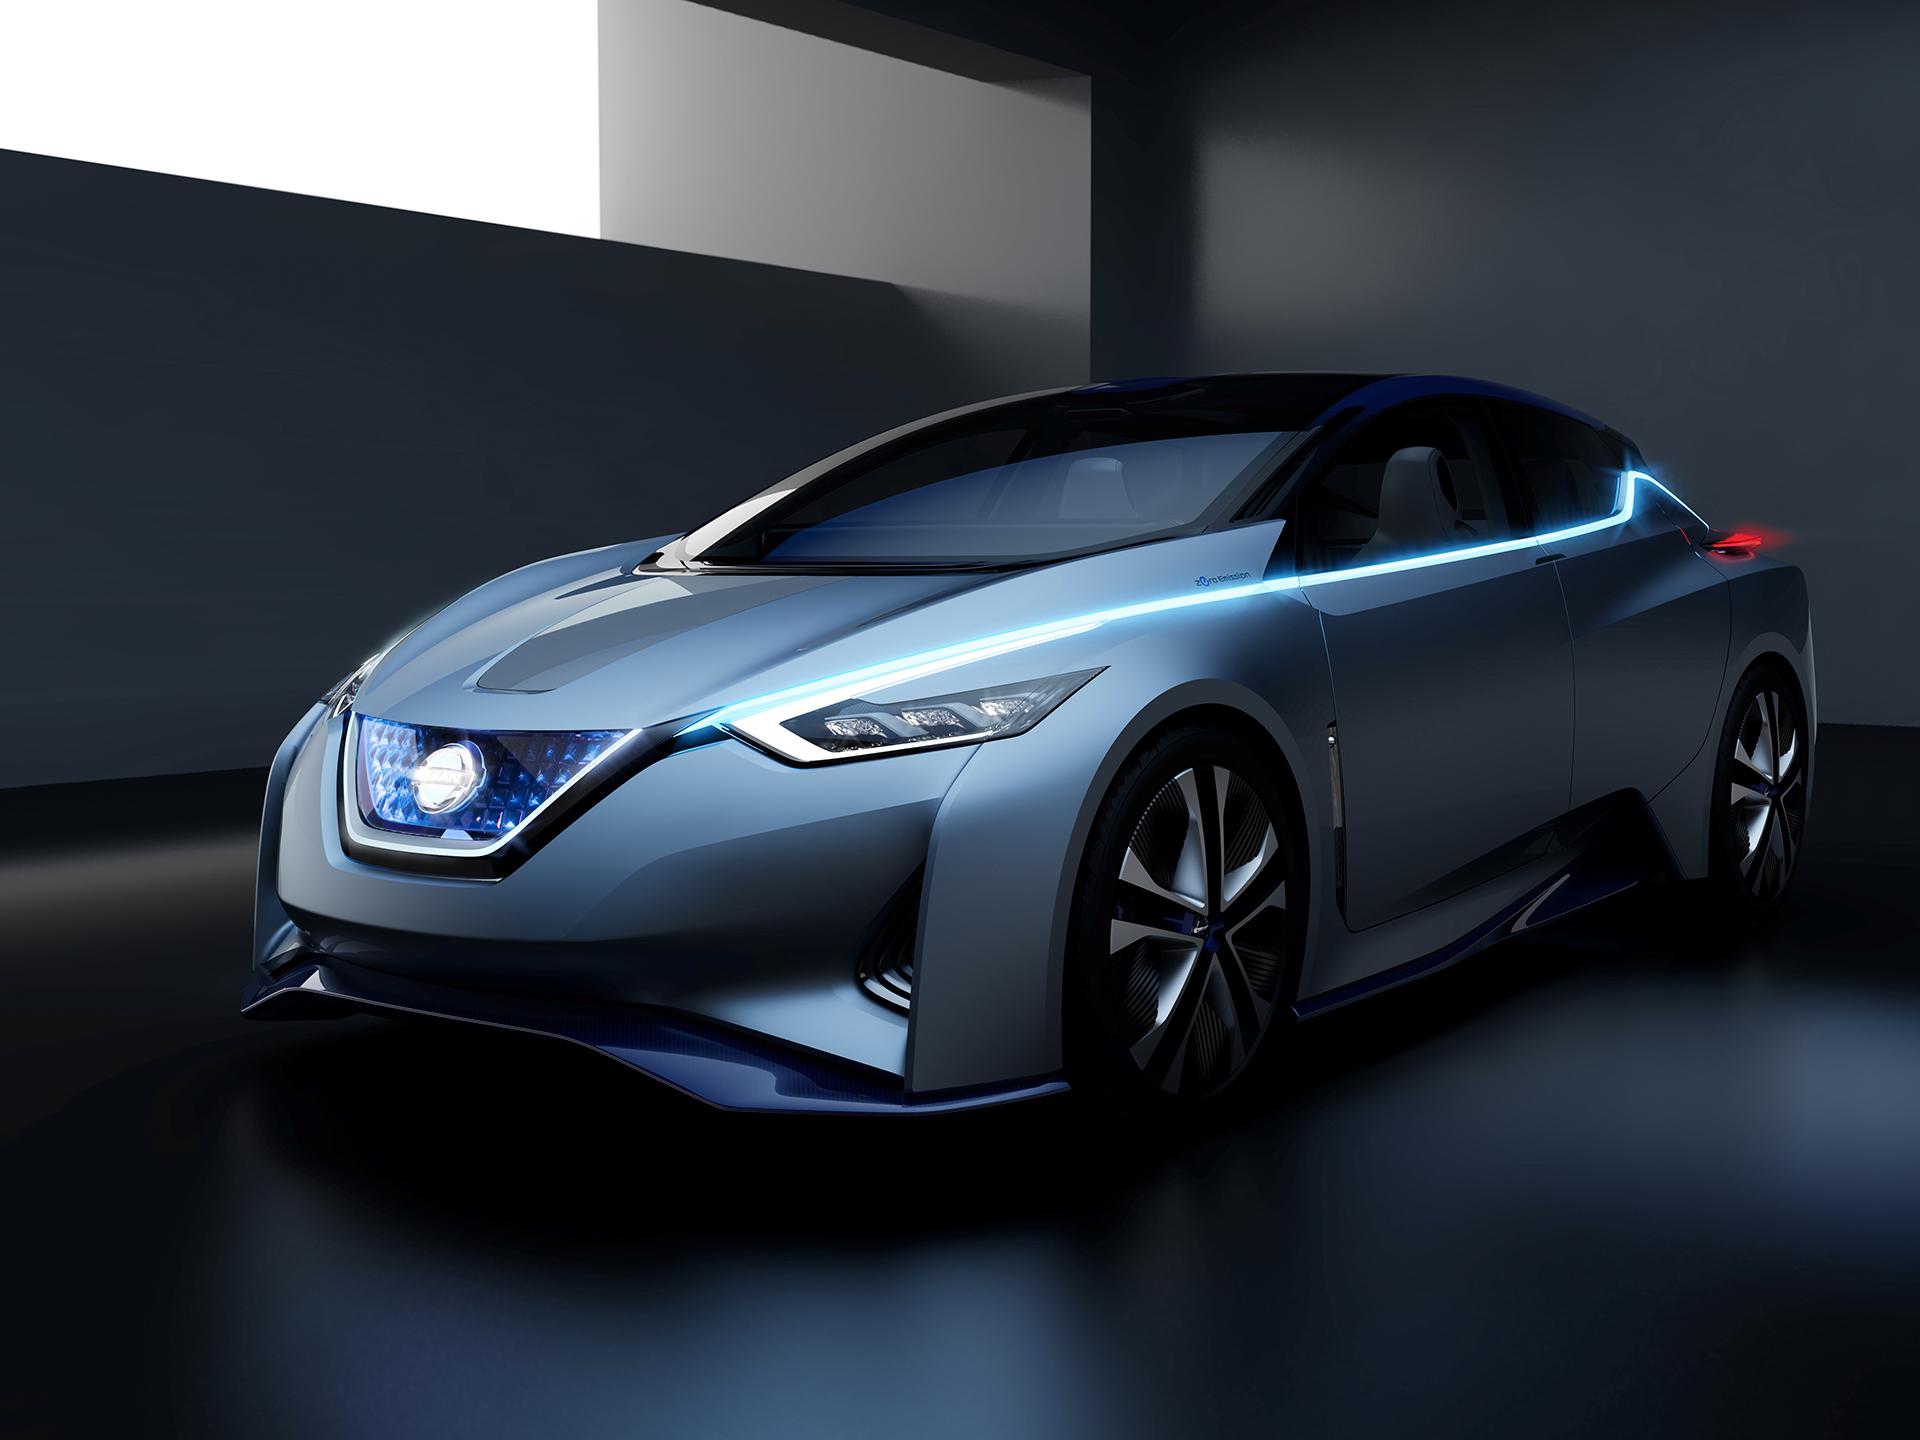 Nissan IDS Concept - profil avant / front side-face